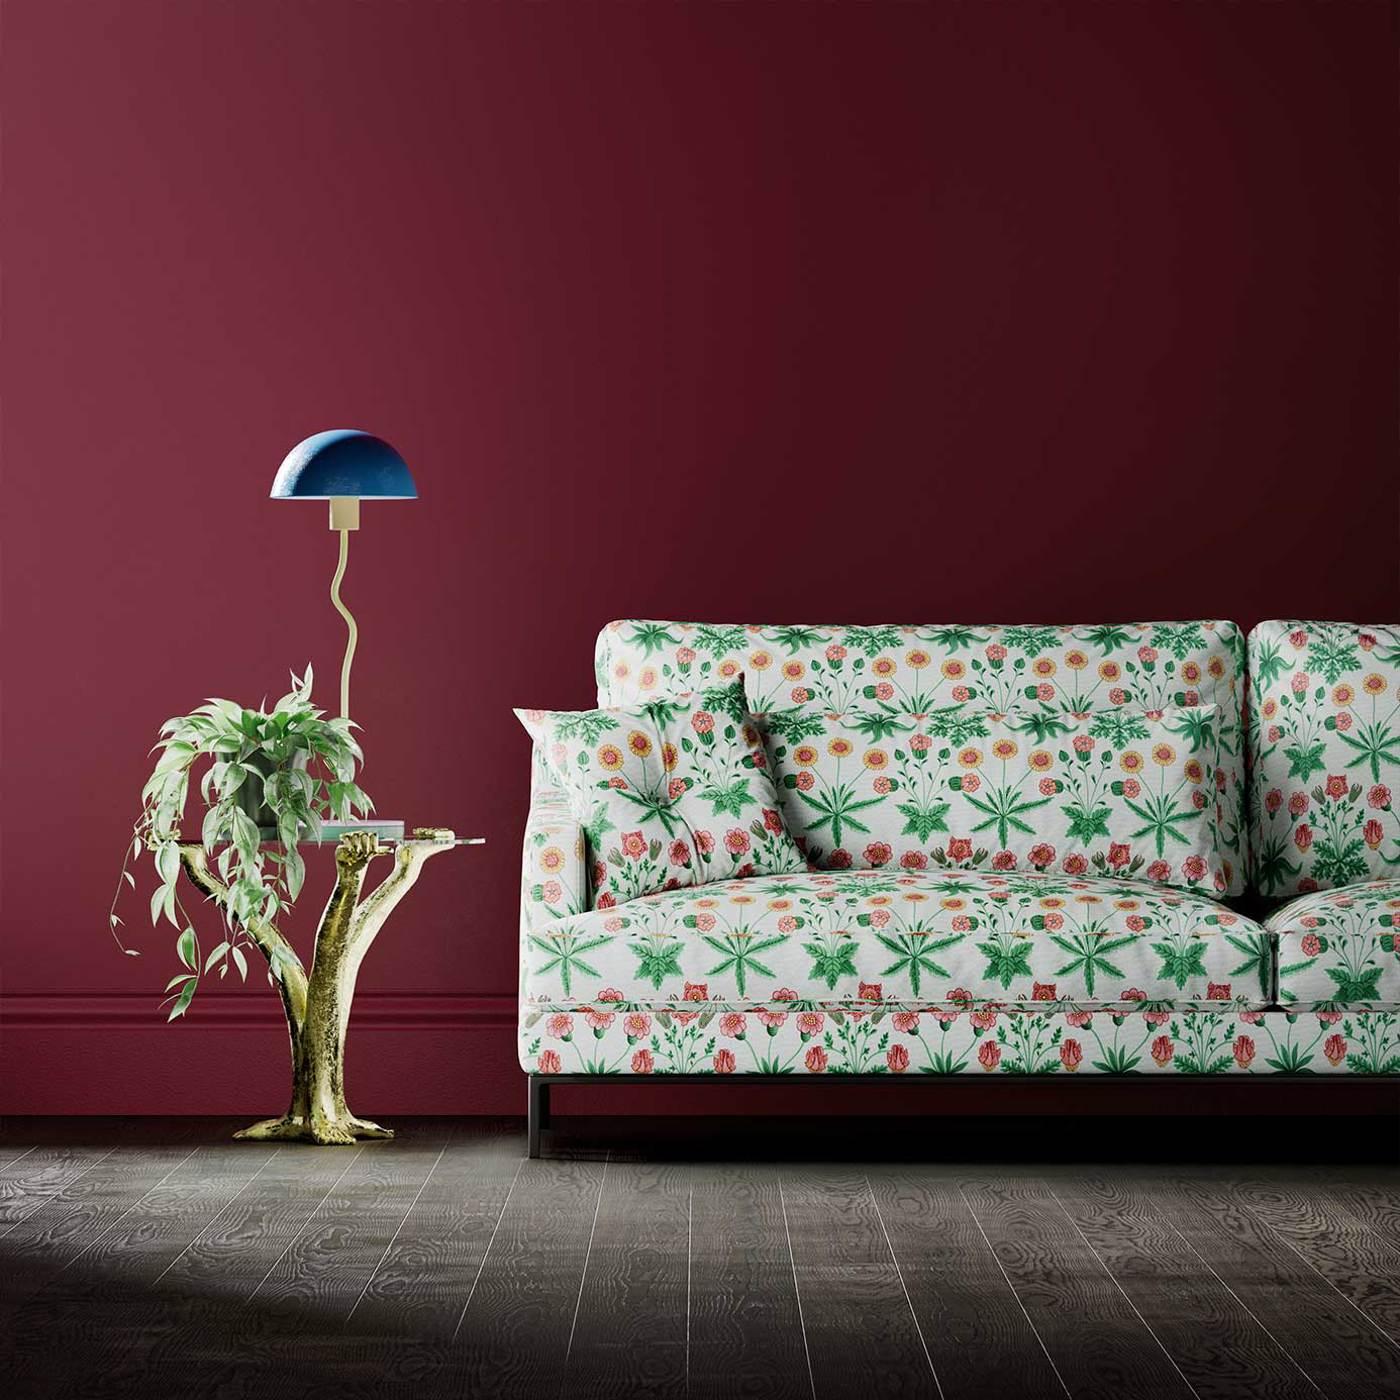 Daisy Fabric by ARC